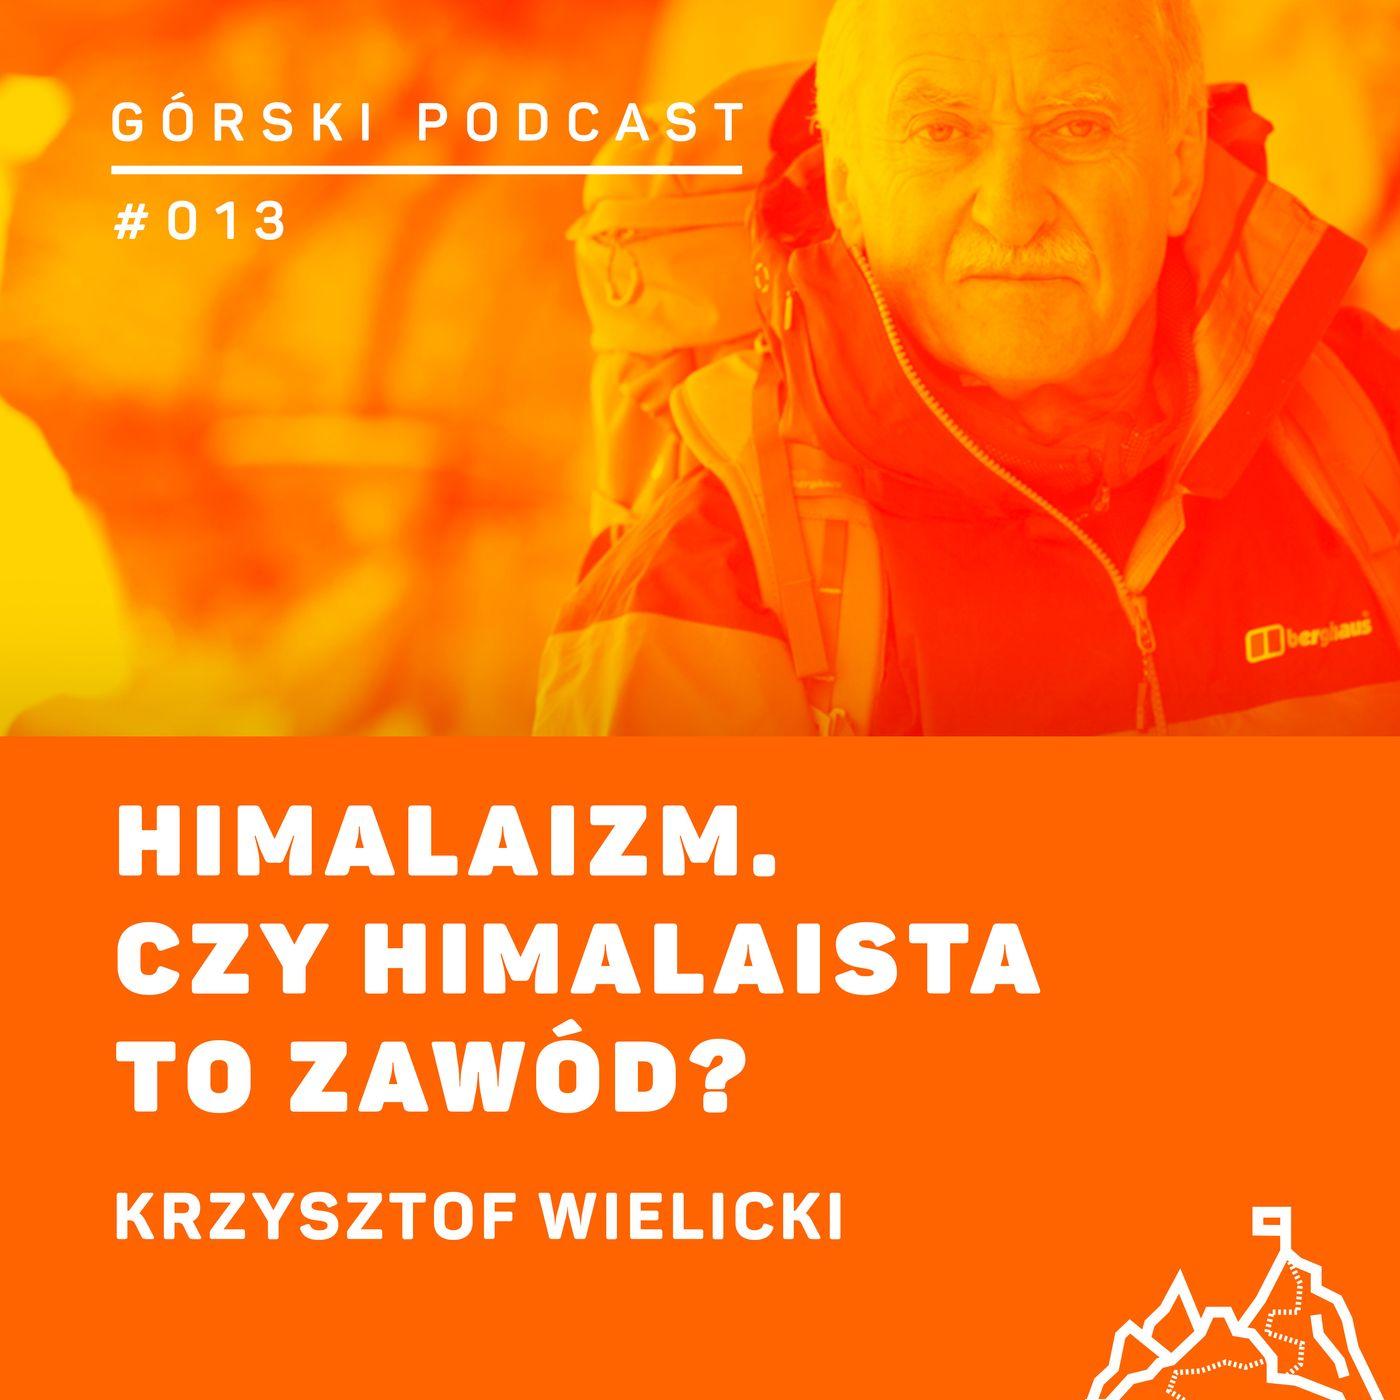 #013 8a.pl - Krzysztof Wielicki - Himalaizm. Czy himalaista to zawód?